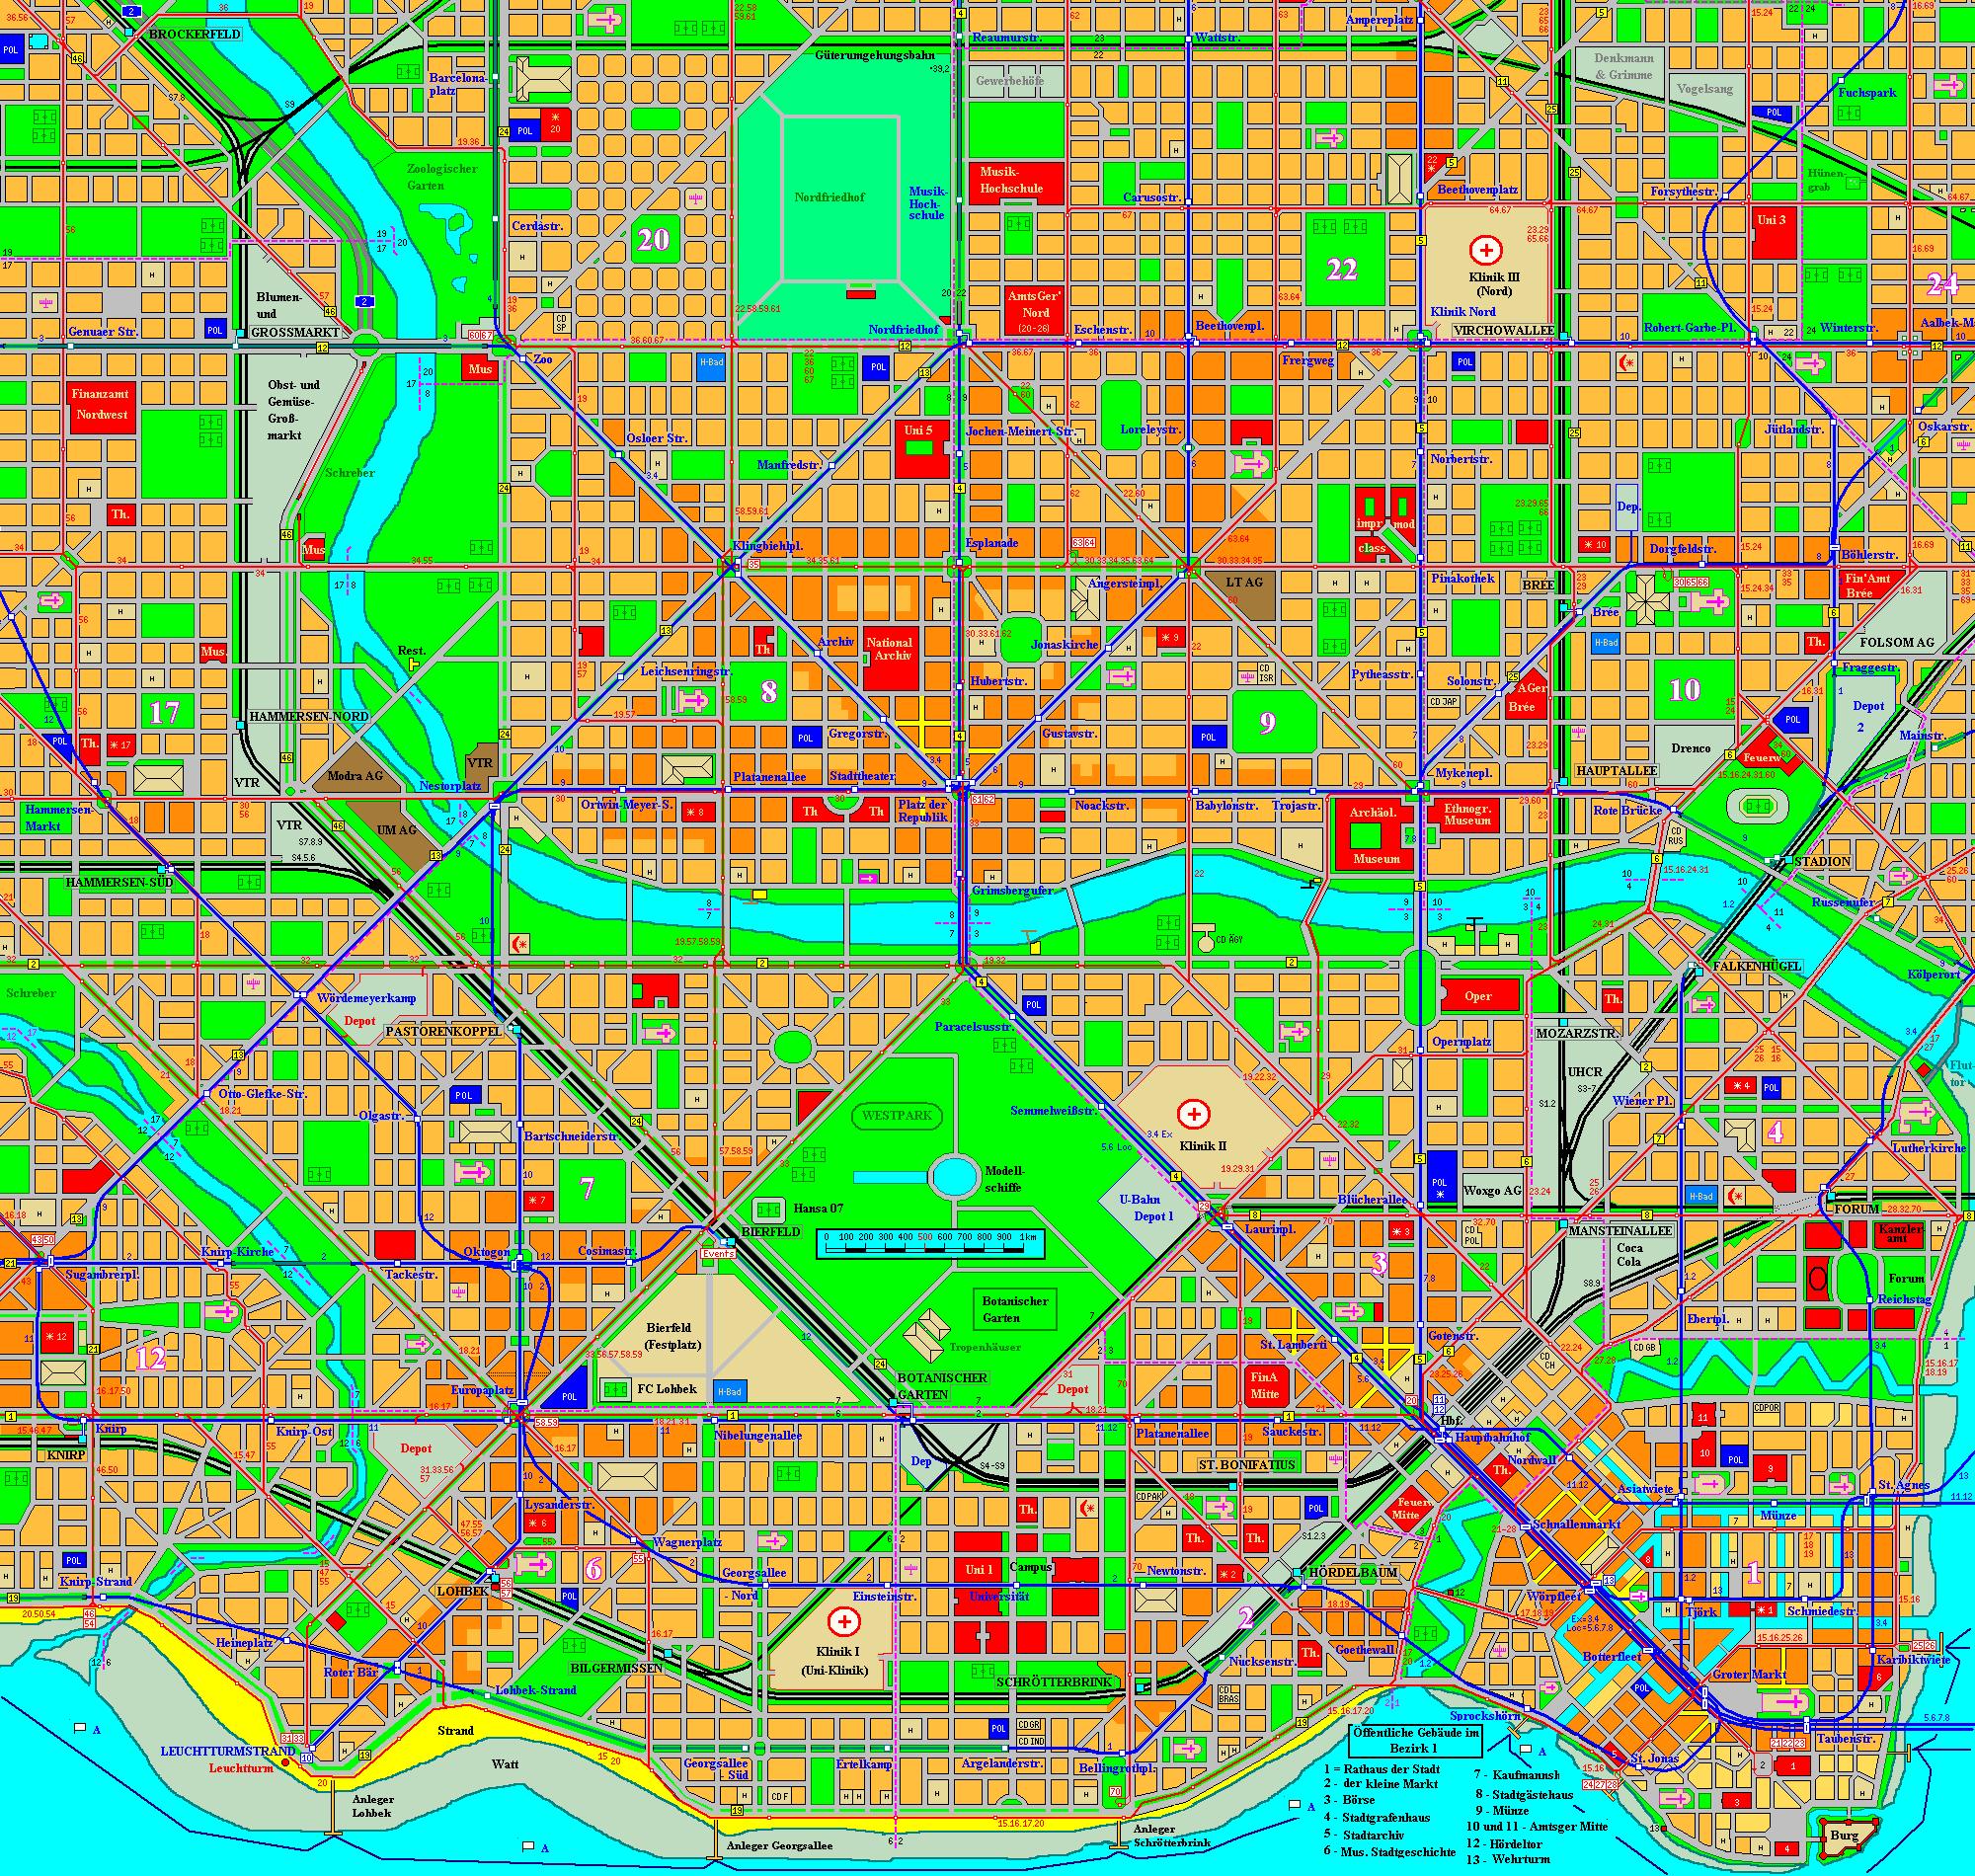 Holstenhafen map, part 2